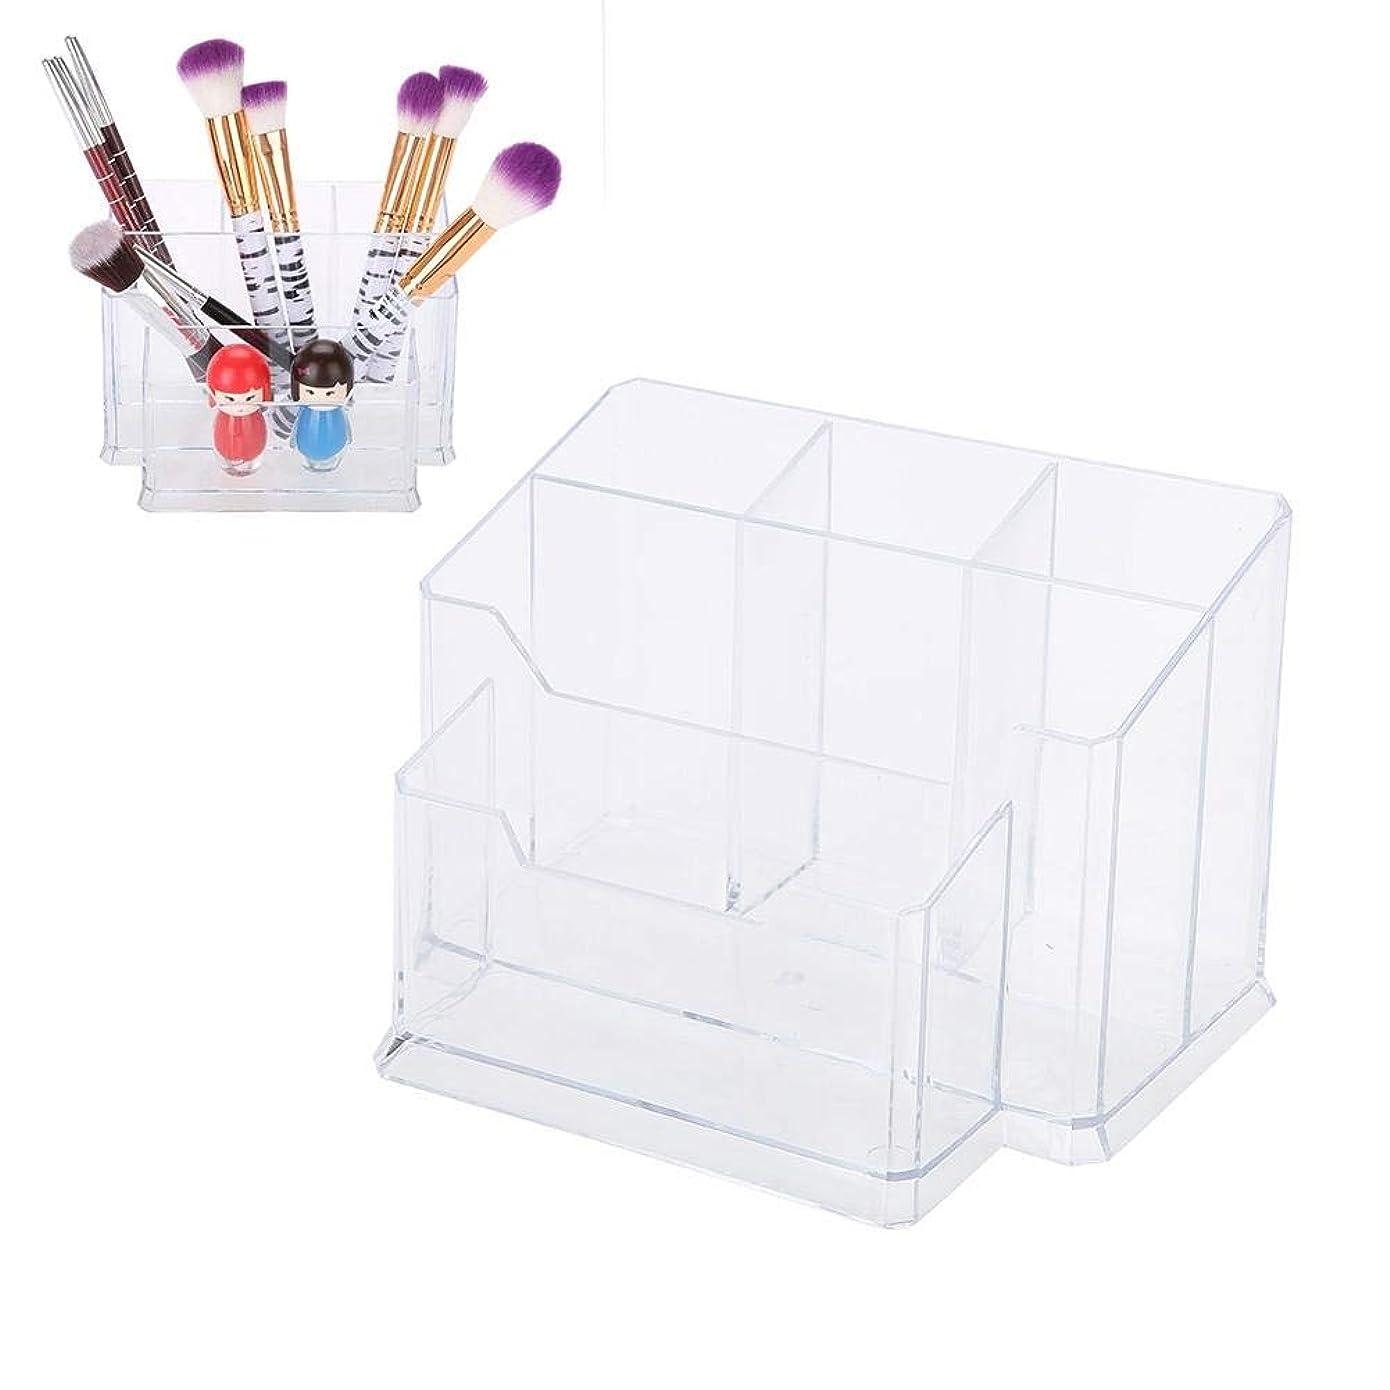 幸運な本当にシャーロットブロンテ透明なネイルペンホルダー化粧ブラシ、収納ボックスケースディスプレイシェルフマニキュアツール